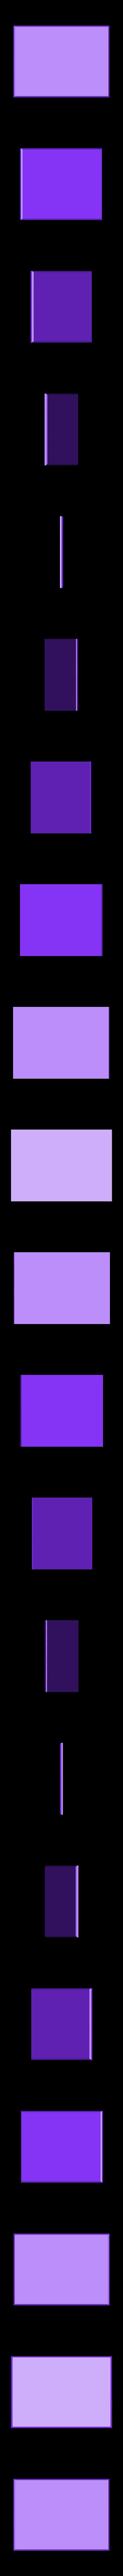 r_base.stl Télécharger fichier STL gratuit Saxon Barn 2 • Objet imprimable en 3D, Earsling